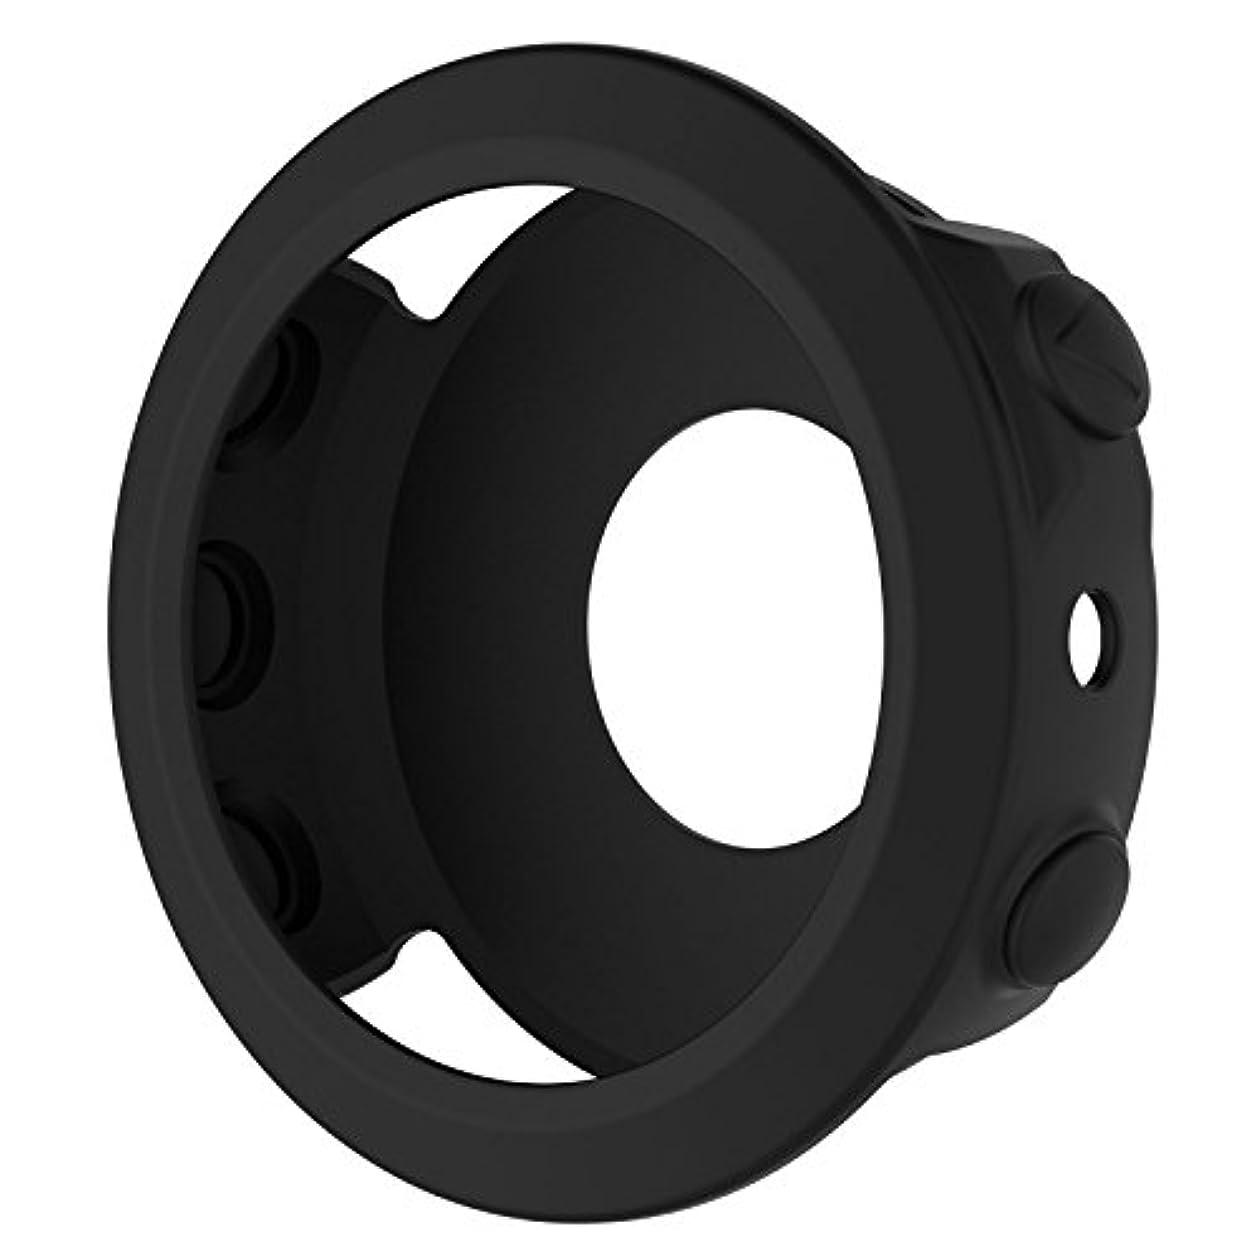 並外れて満足させるボルトXberstar Garmin Fenix 5 保護カバー シリコンカバー アクセサリー 8色あり